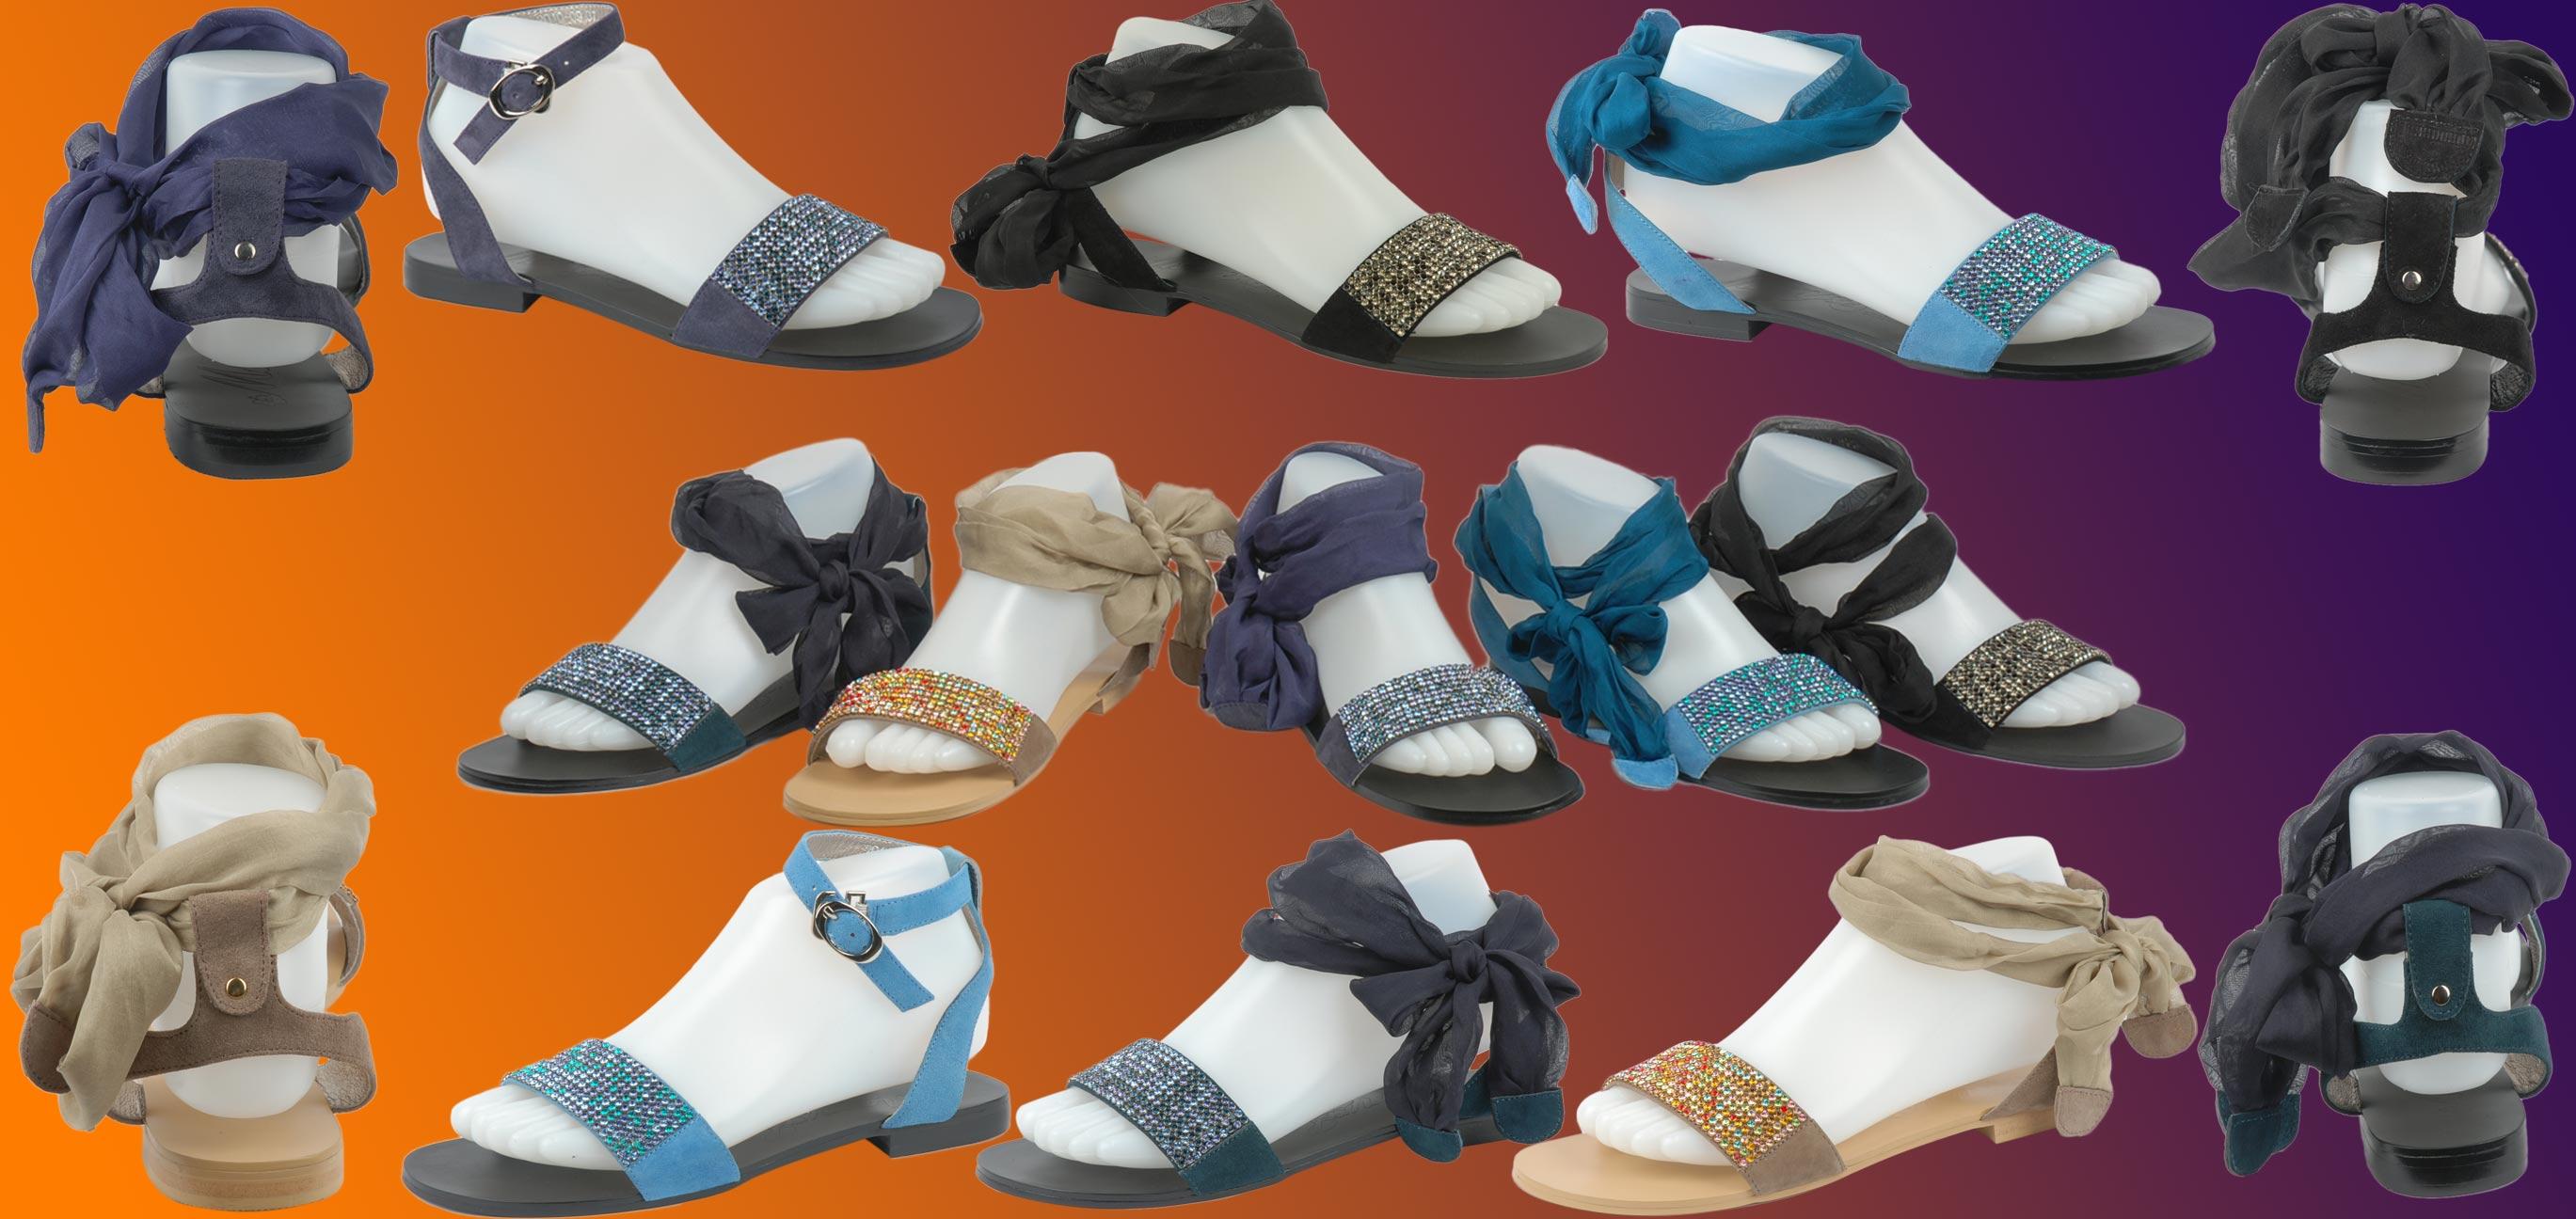 Обтравка обуви для интернет-магазина